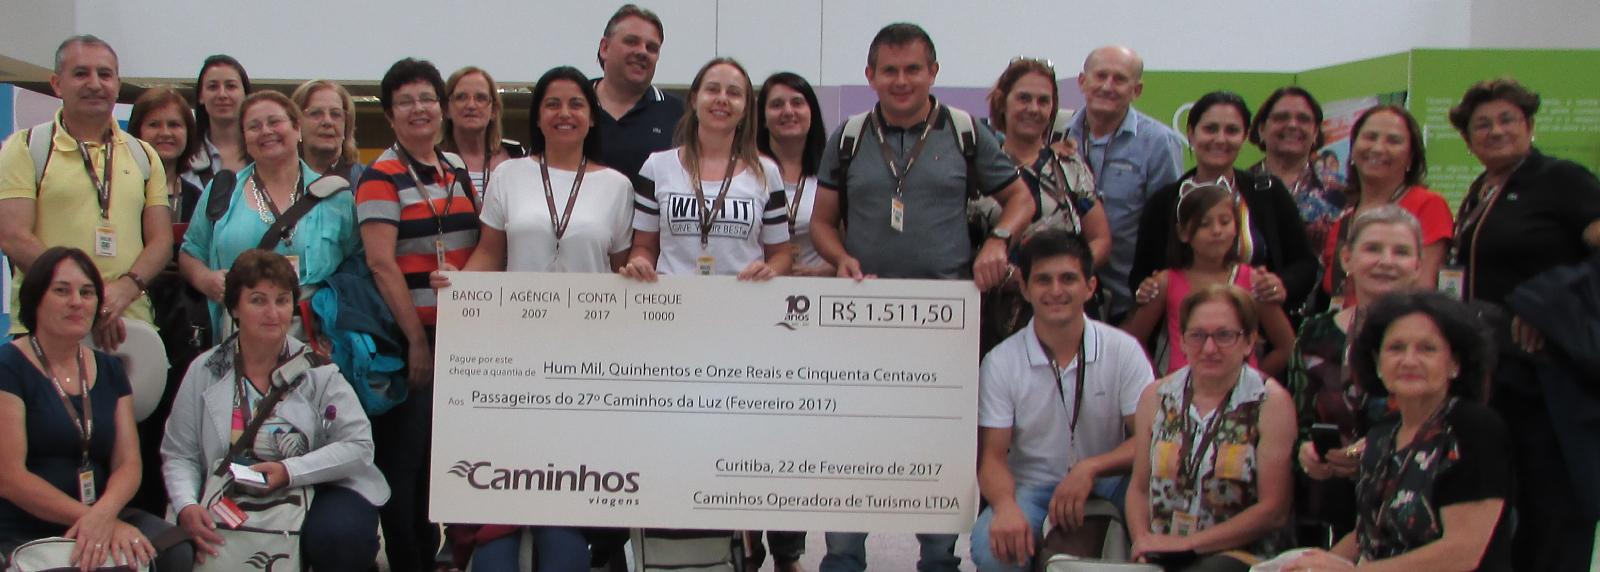 Primeiro grupo de 2017 recebeu dinheiro para viajar